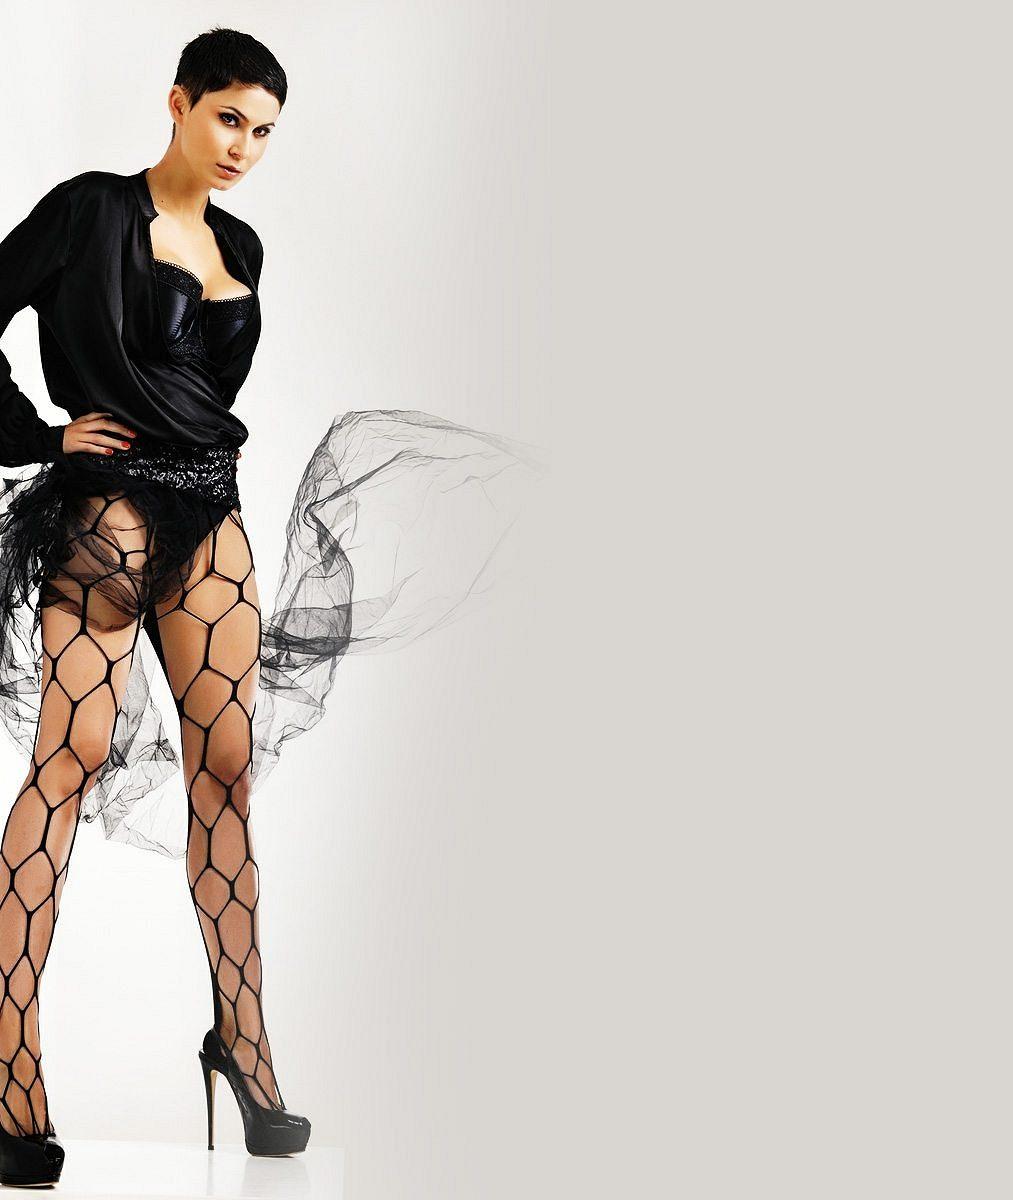 Nevěra Vlaďky Erbové? Modelku usvědčila detektivní agentura, kterou si najal Řepka!